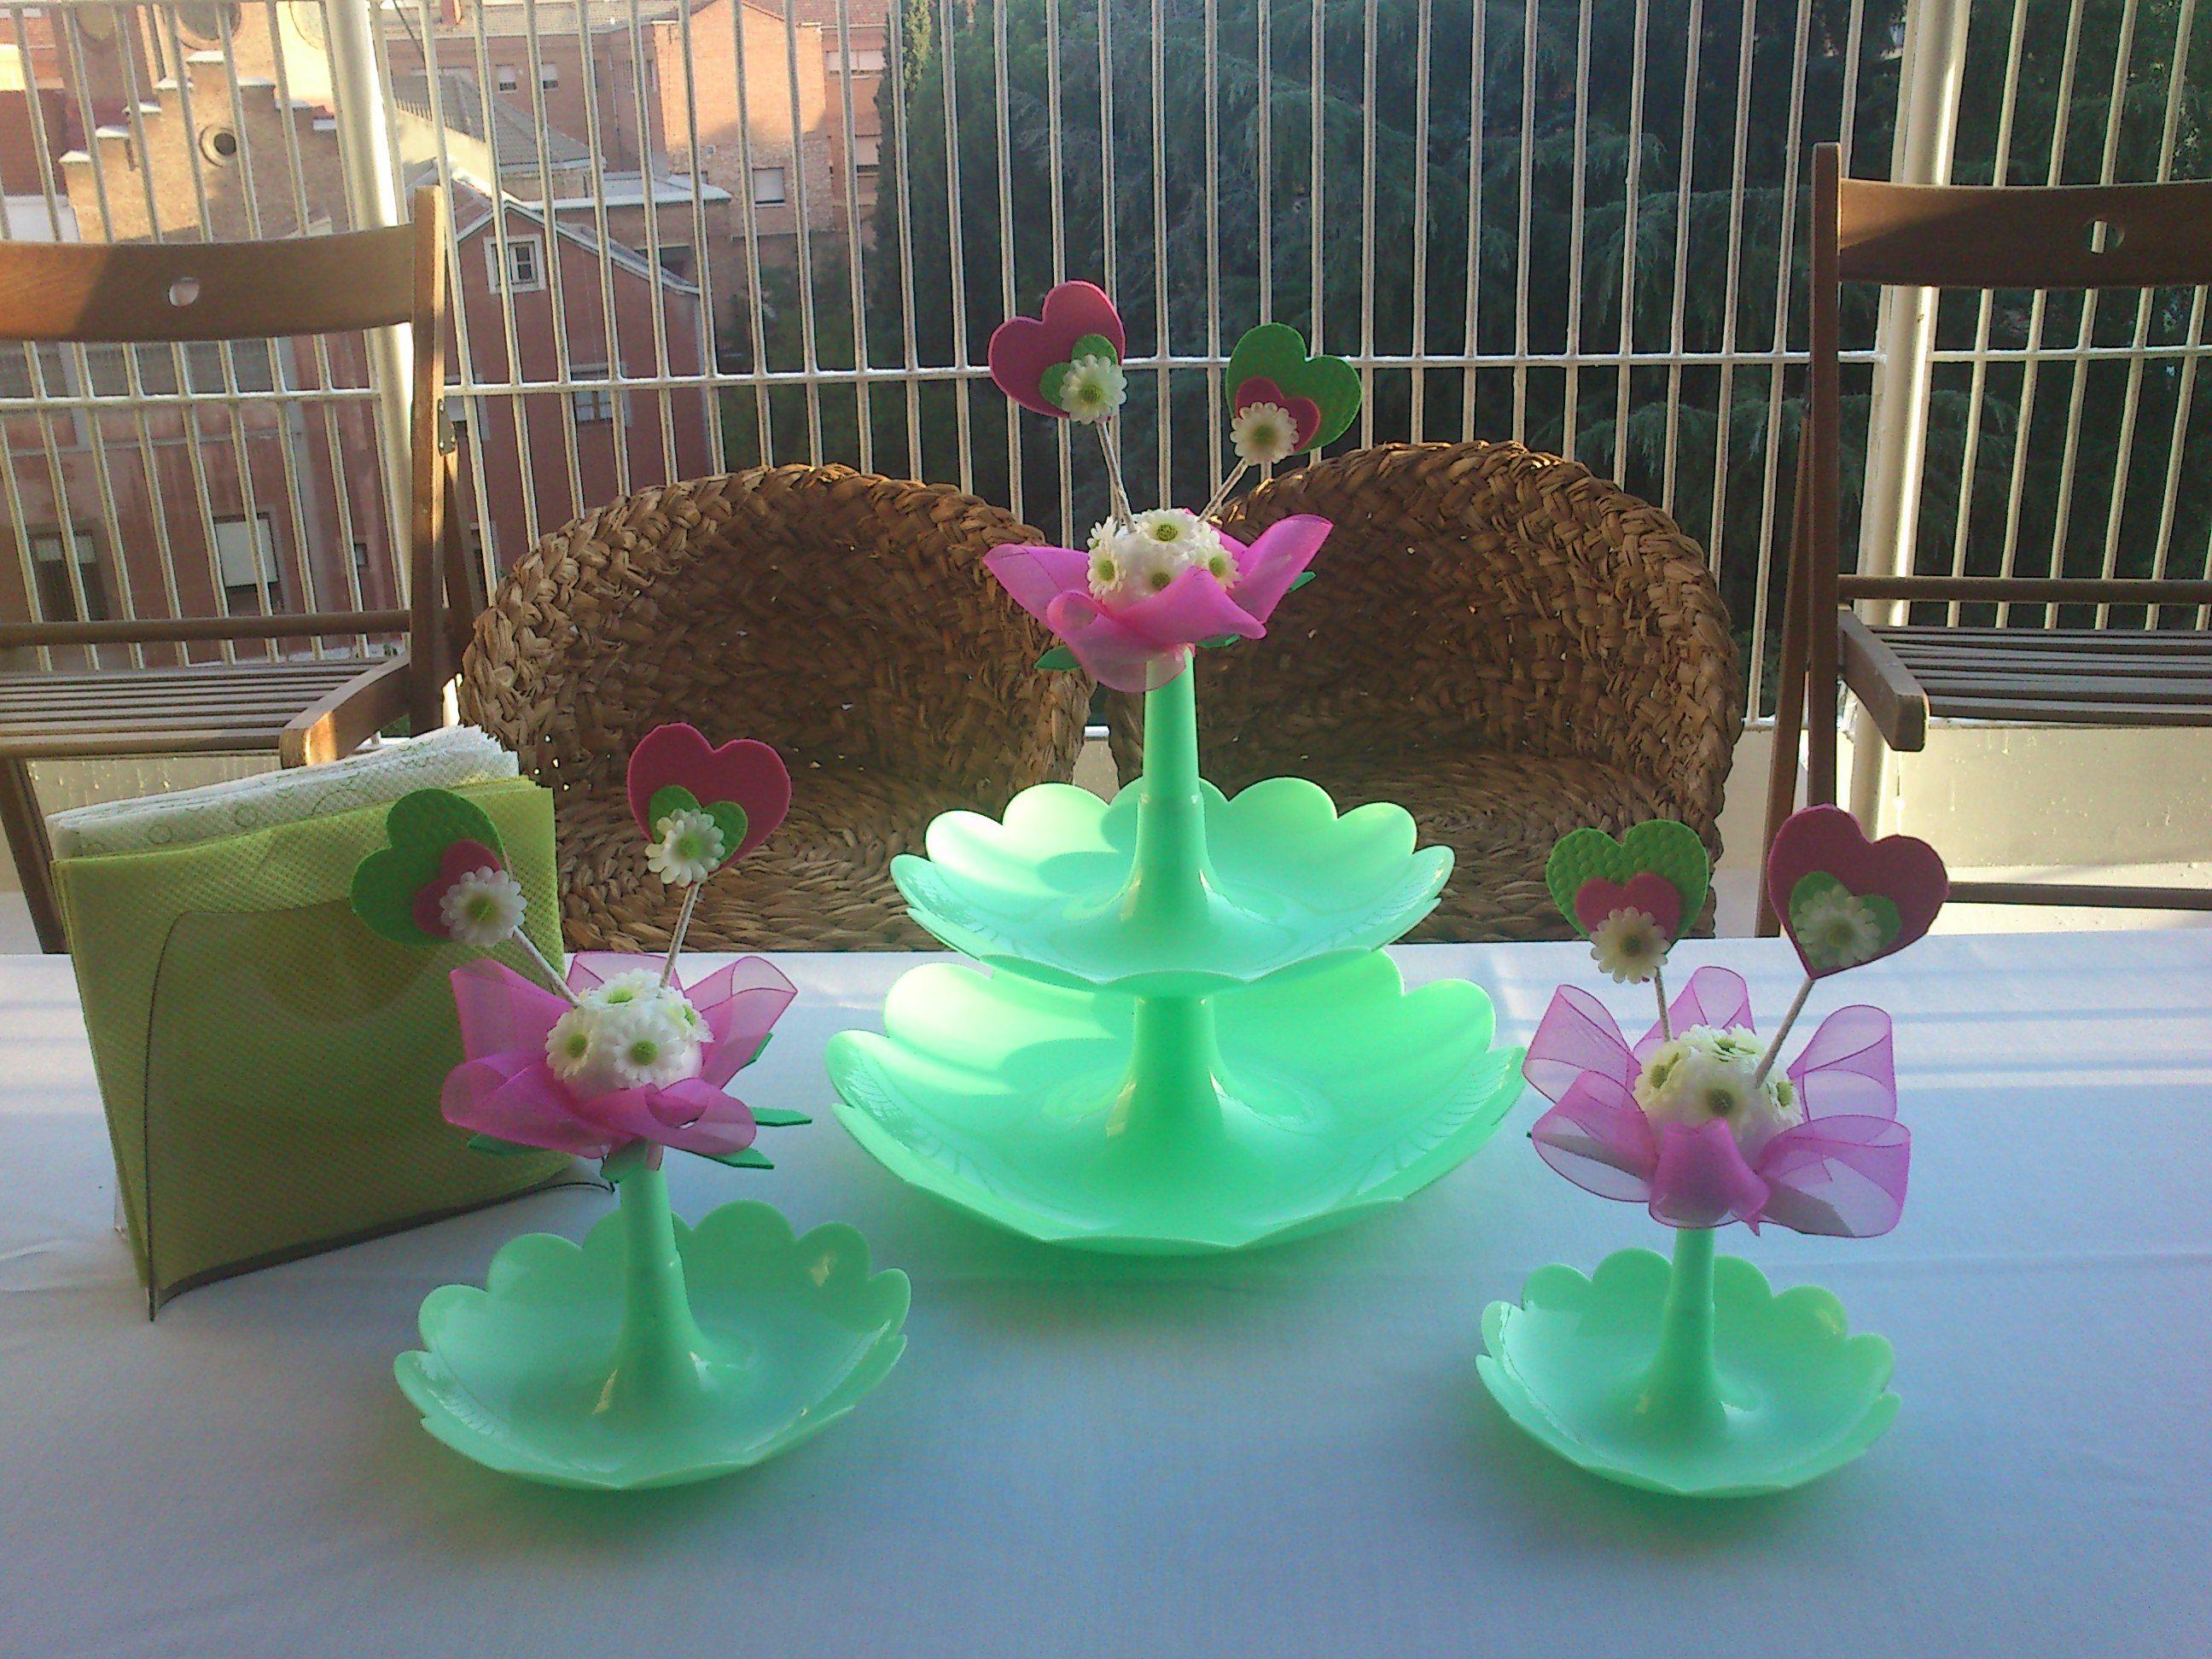 Adornos de mesa with images cake pops cake desserts